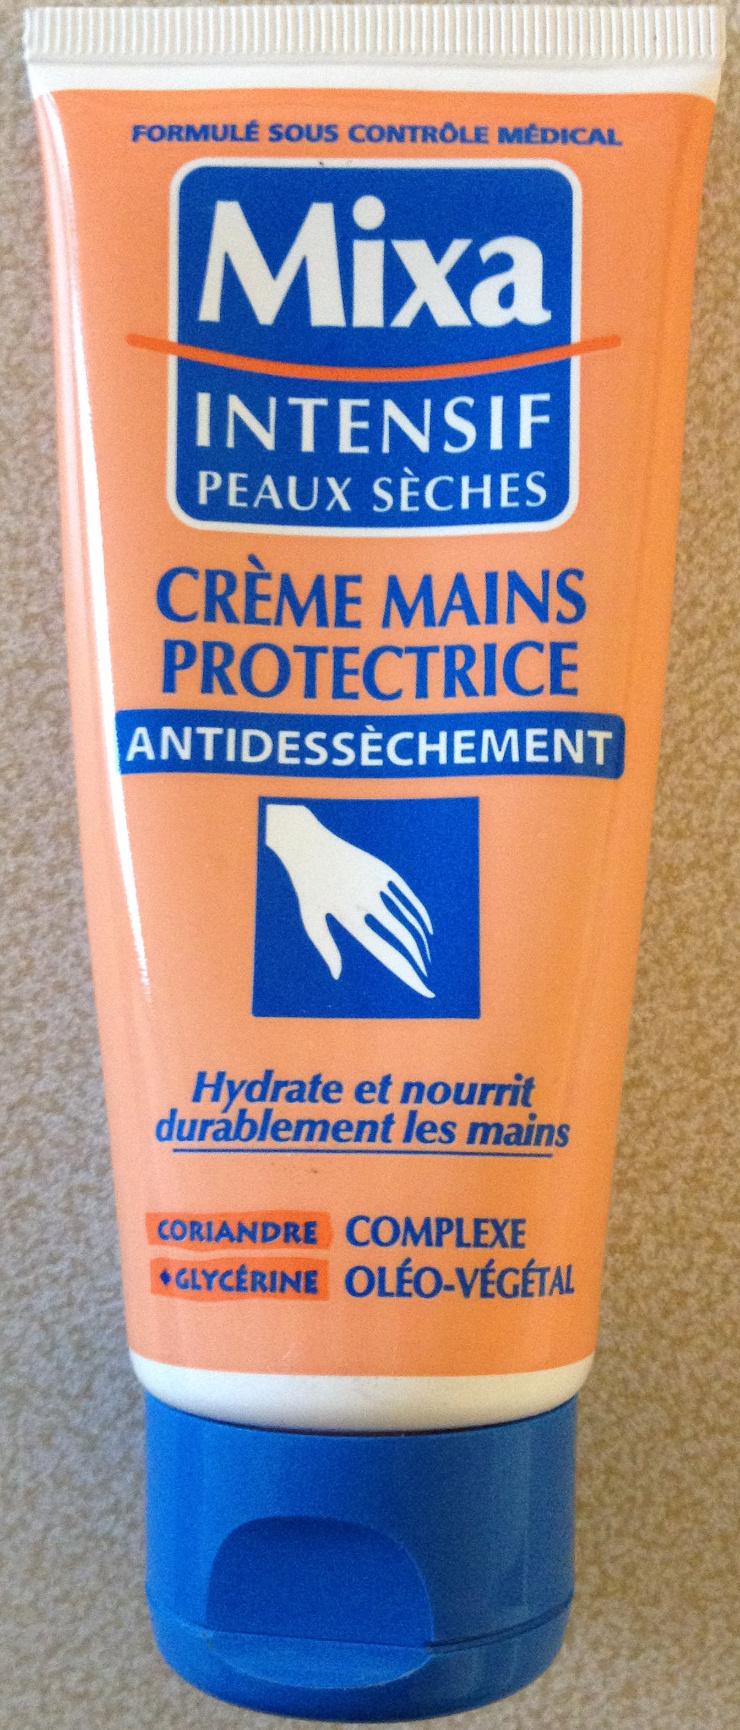 Crème mains protectrice antidéssèchement - Product - fr